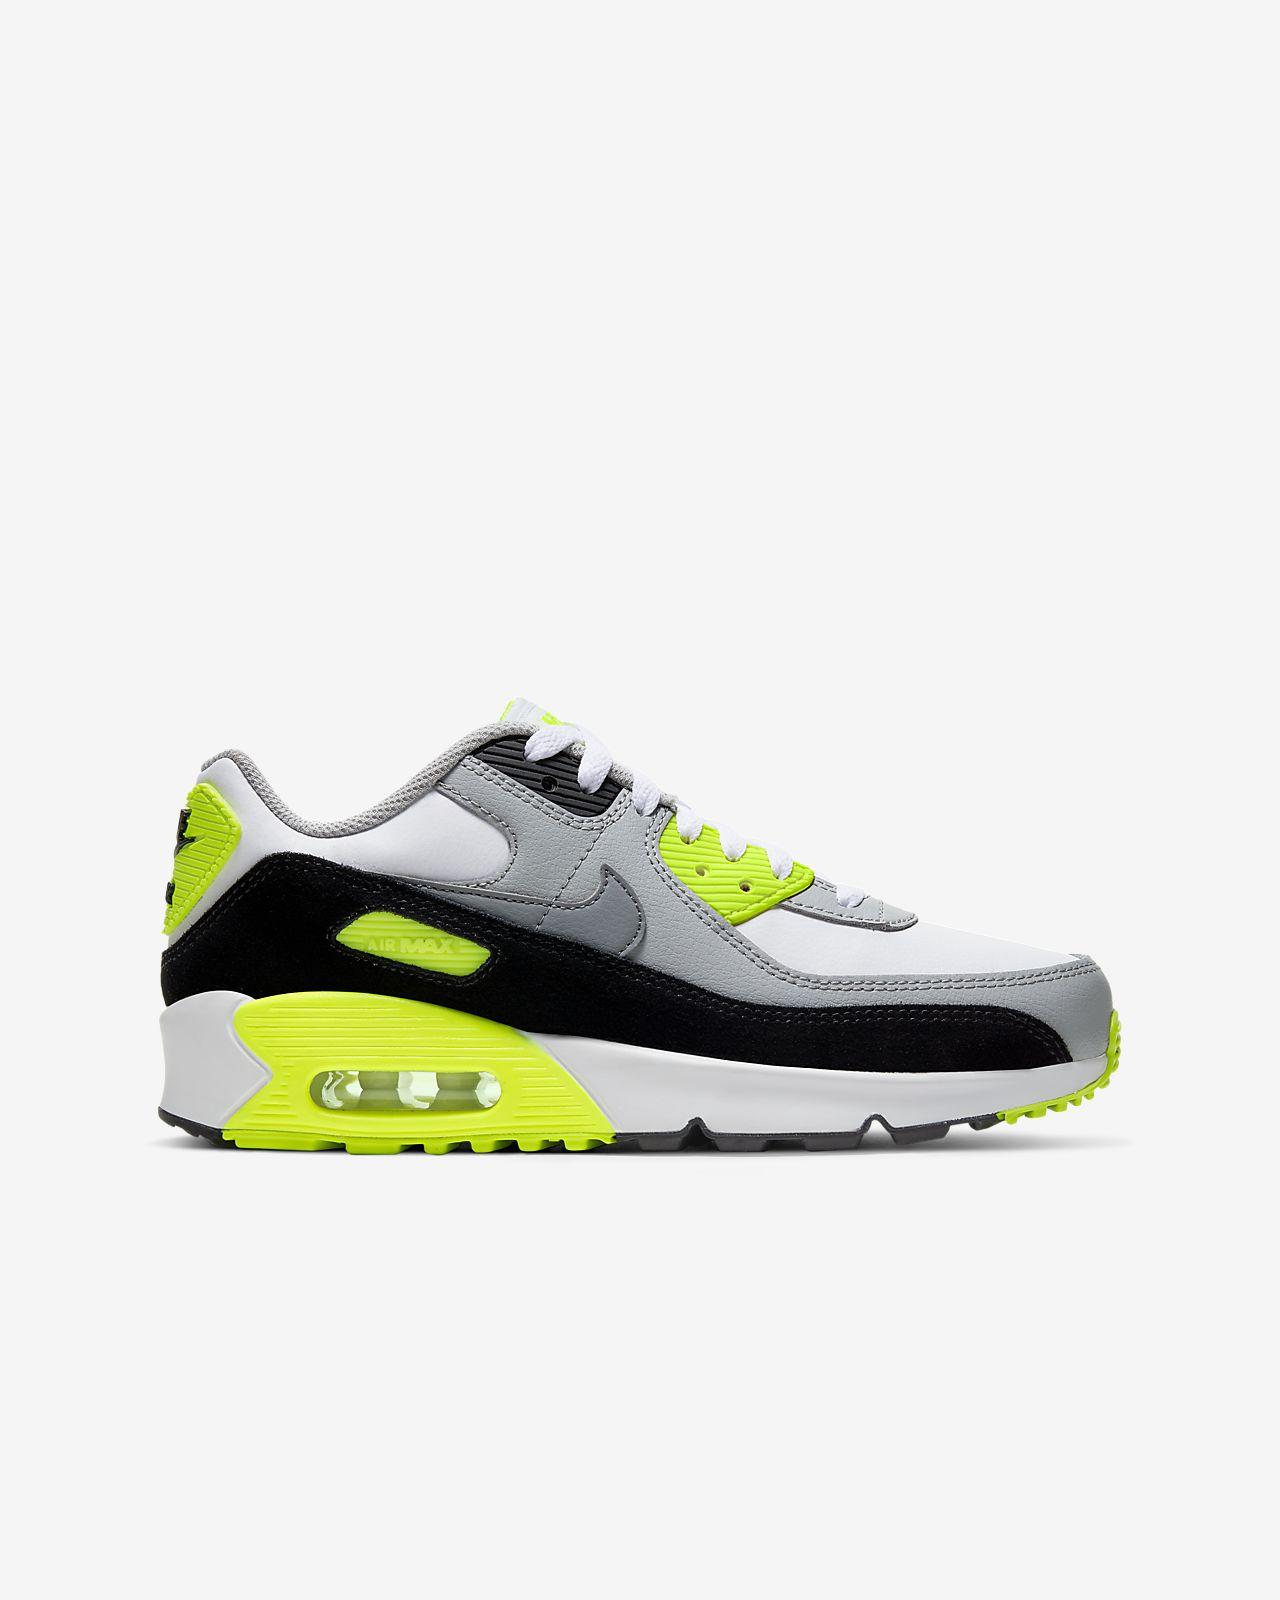 new nike Schuhe air max